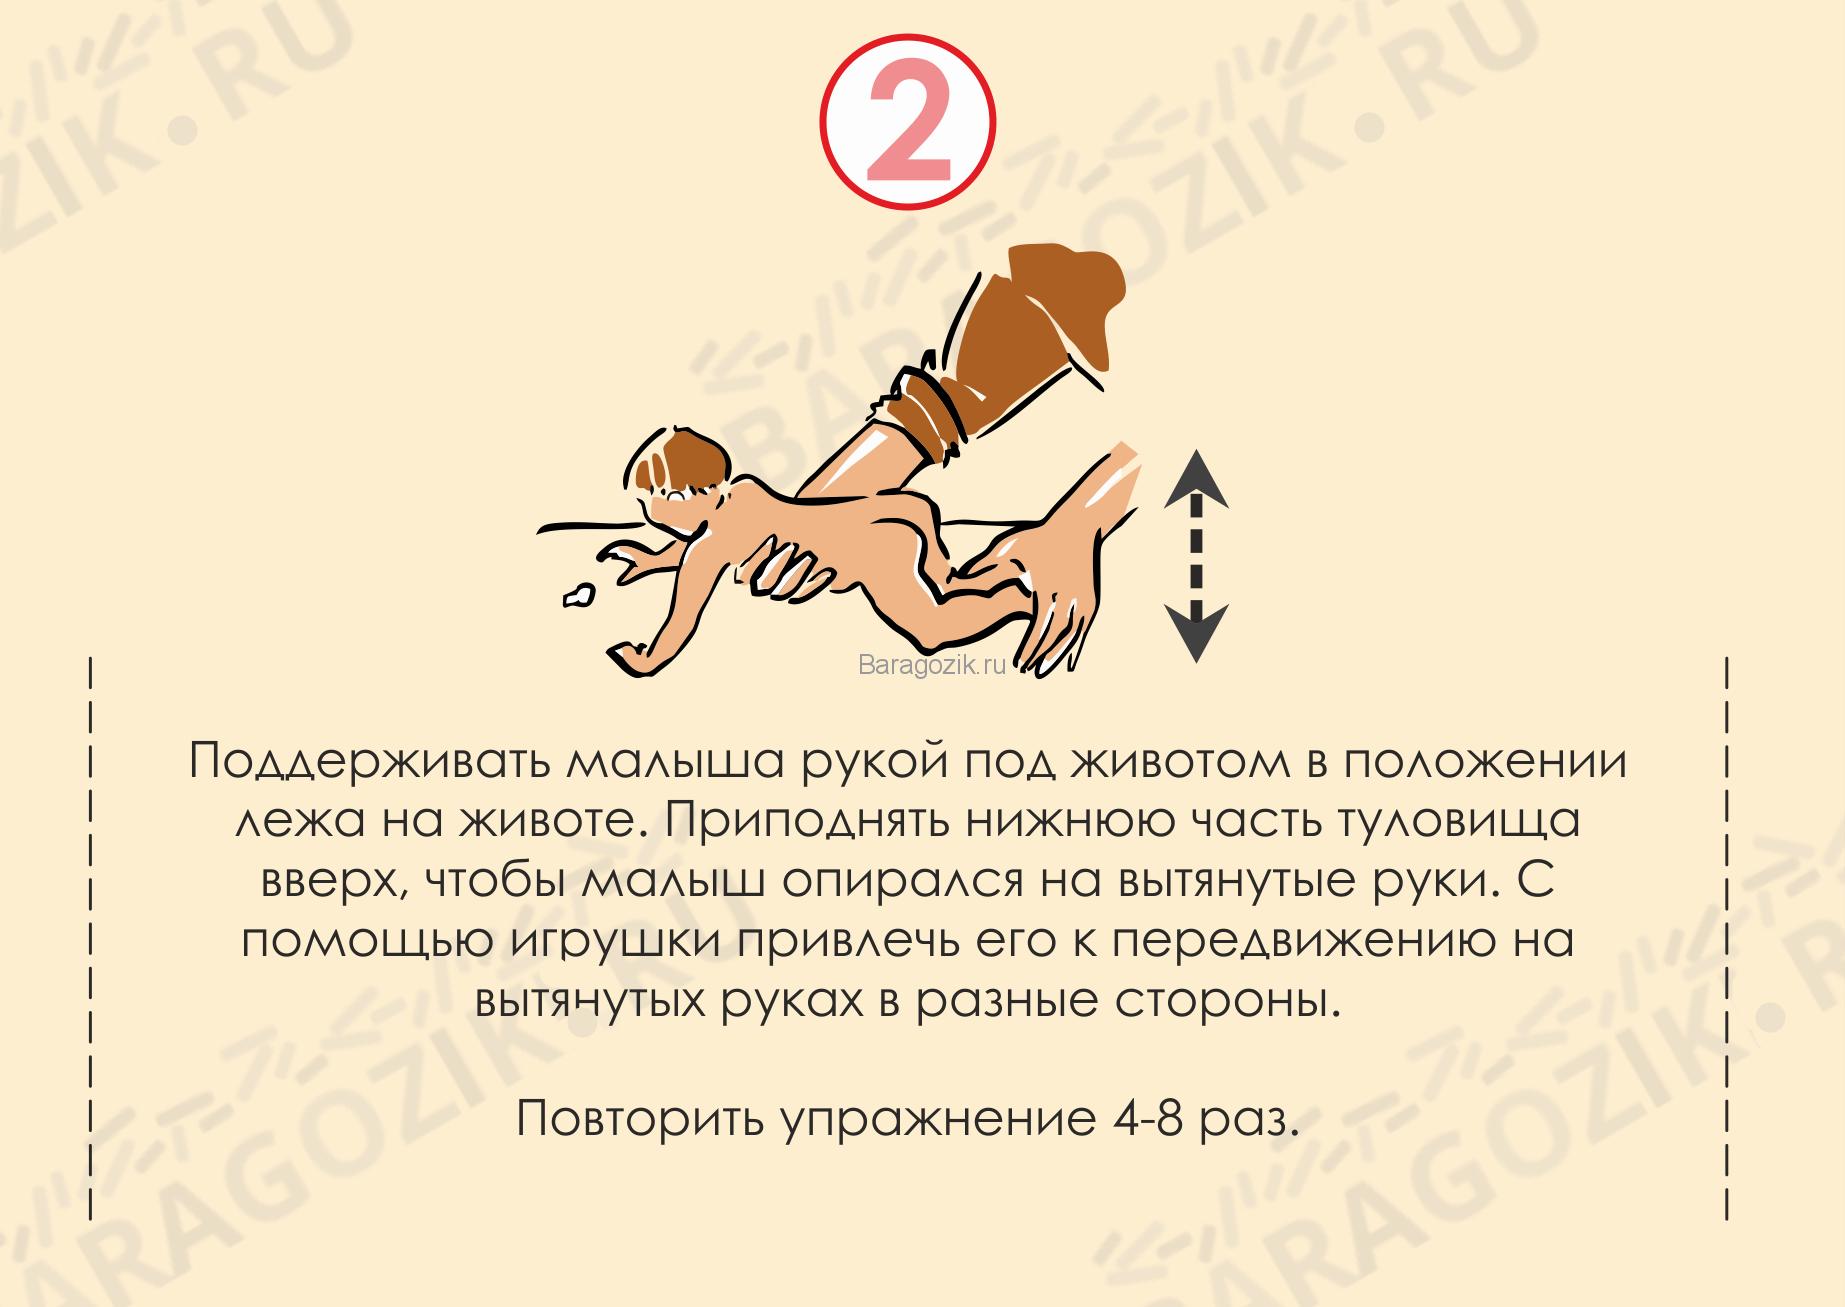 Кривошея у ребенка - упражнение 2